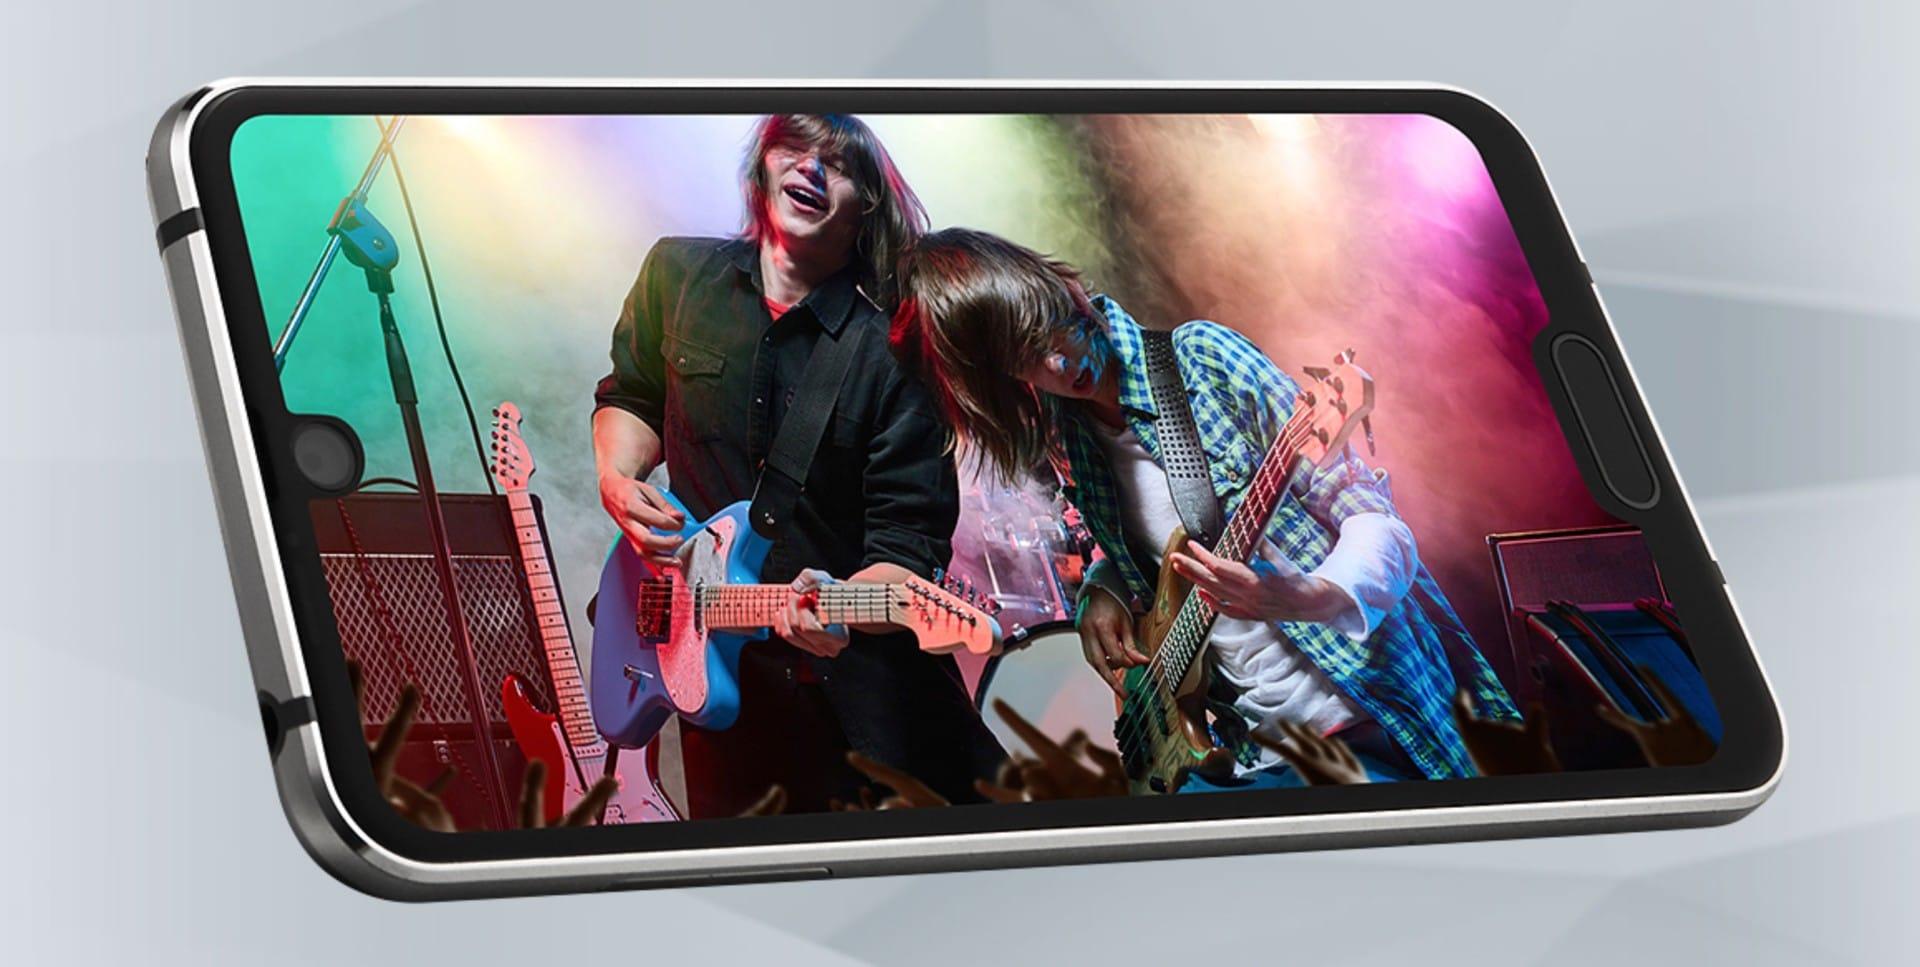 اول هاتف بنتوءان في الشاشة ! 1